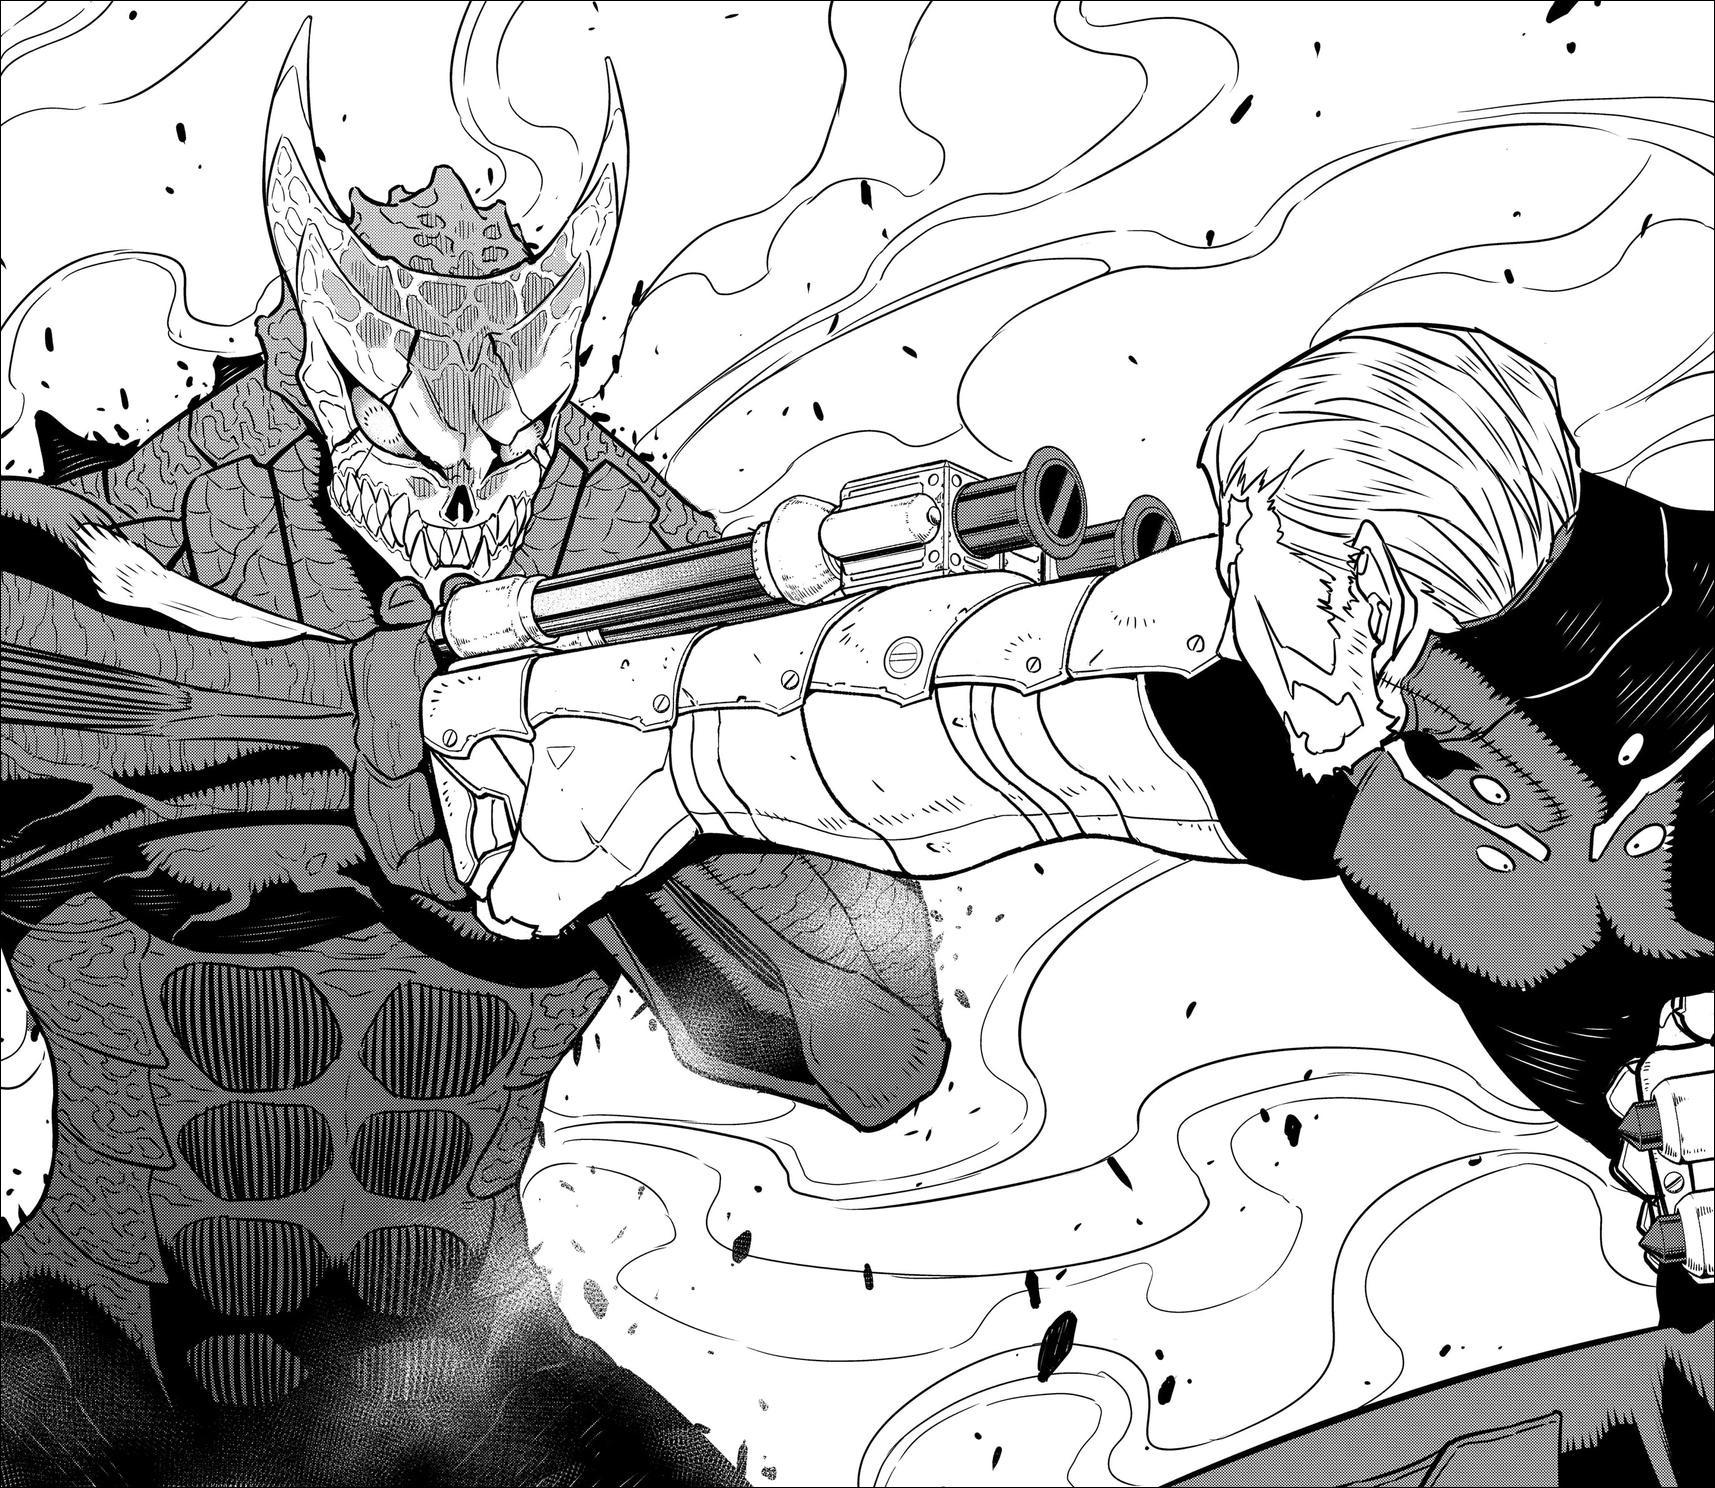 Kaiju No.8 Chapter 36 - Monster #8 awakened